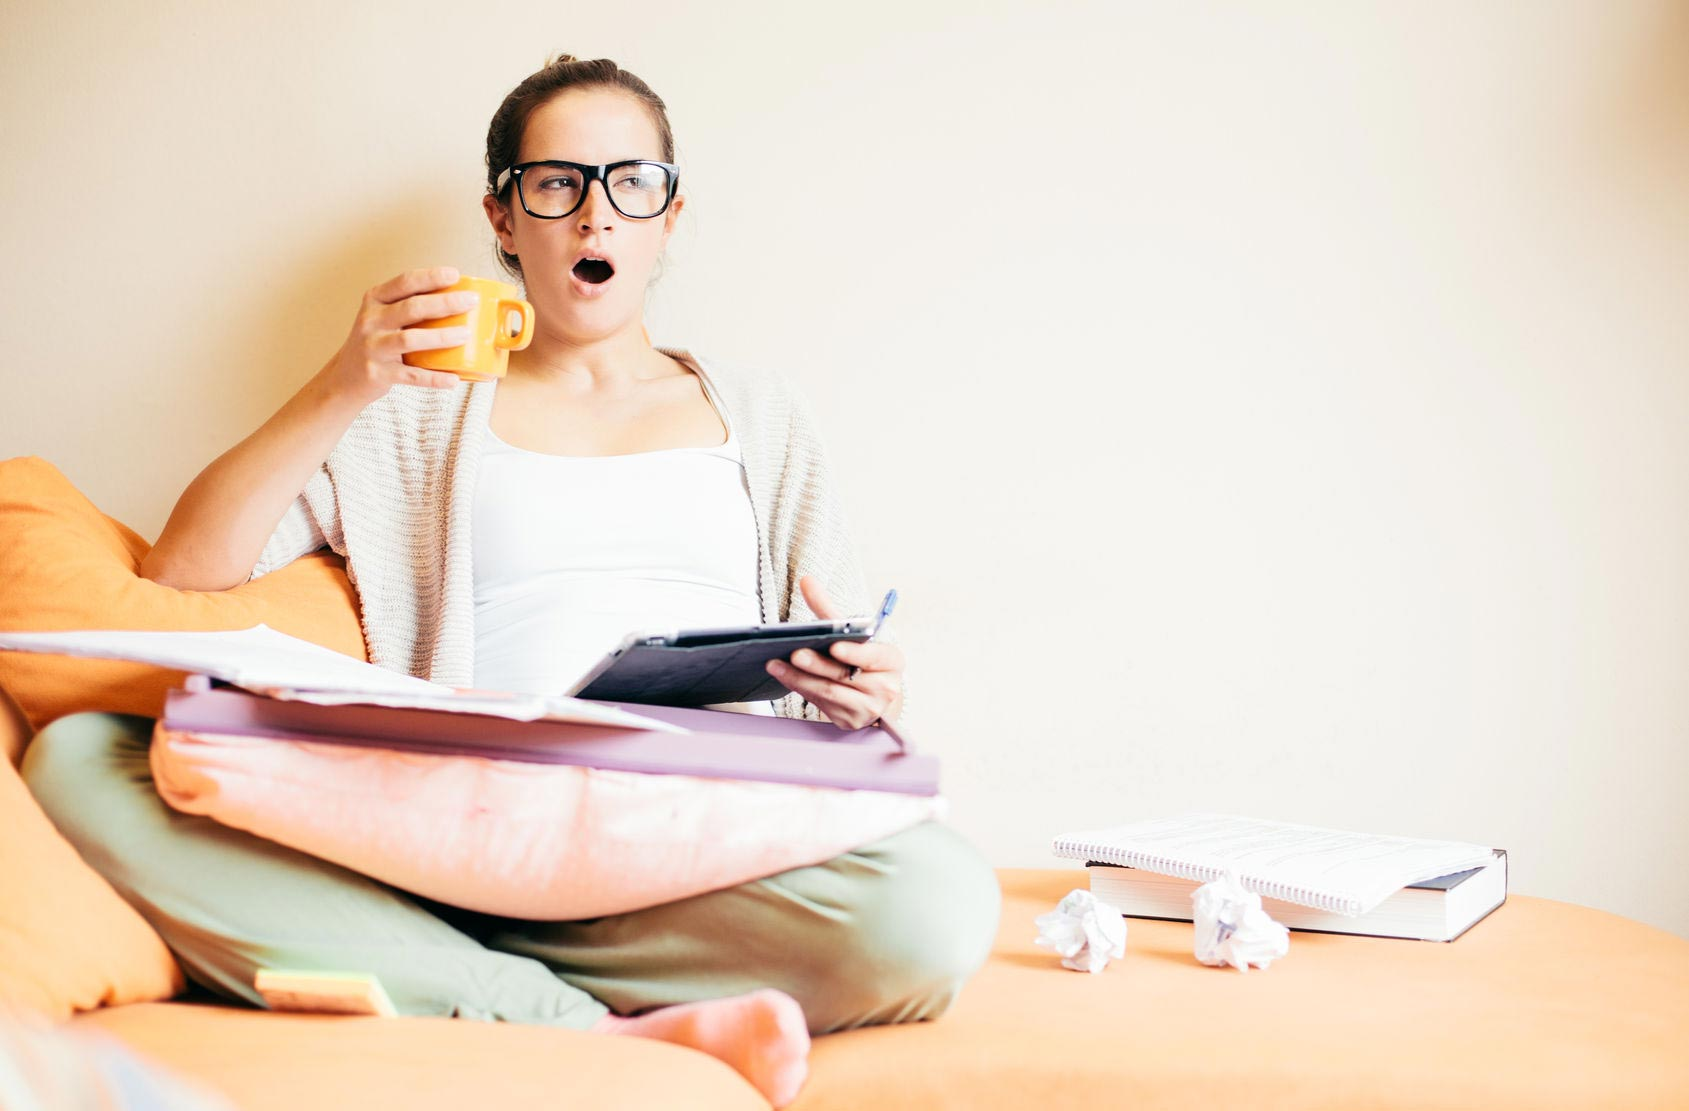 Причин мешающих похудению фото девушек за компьютером за работой